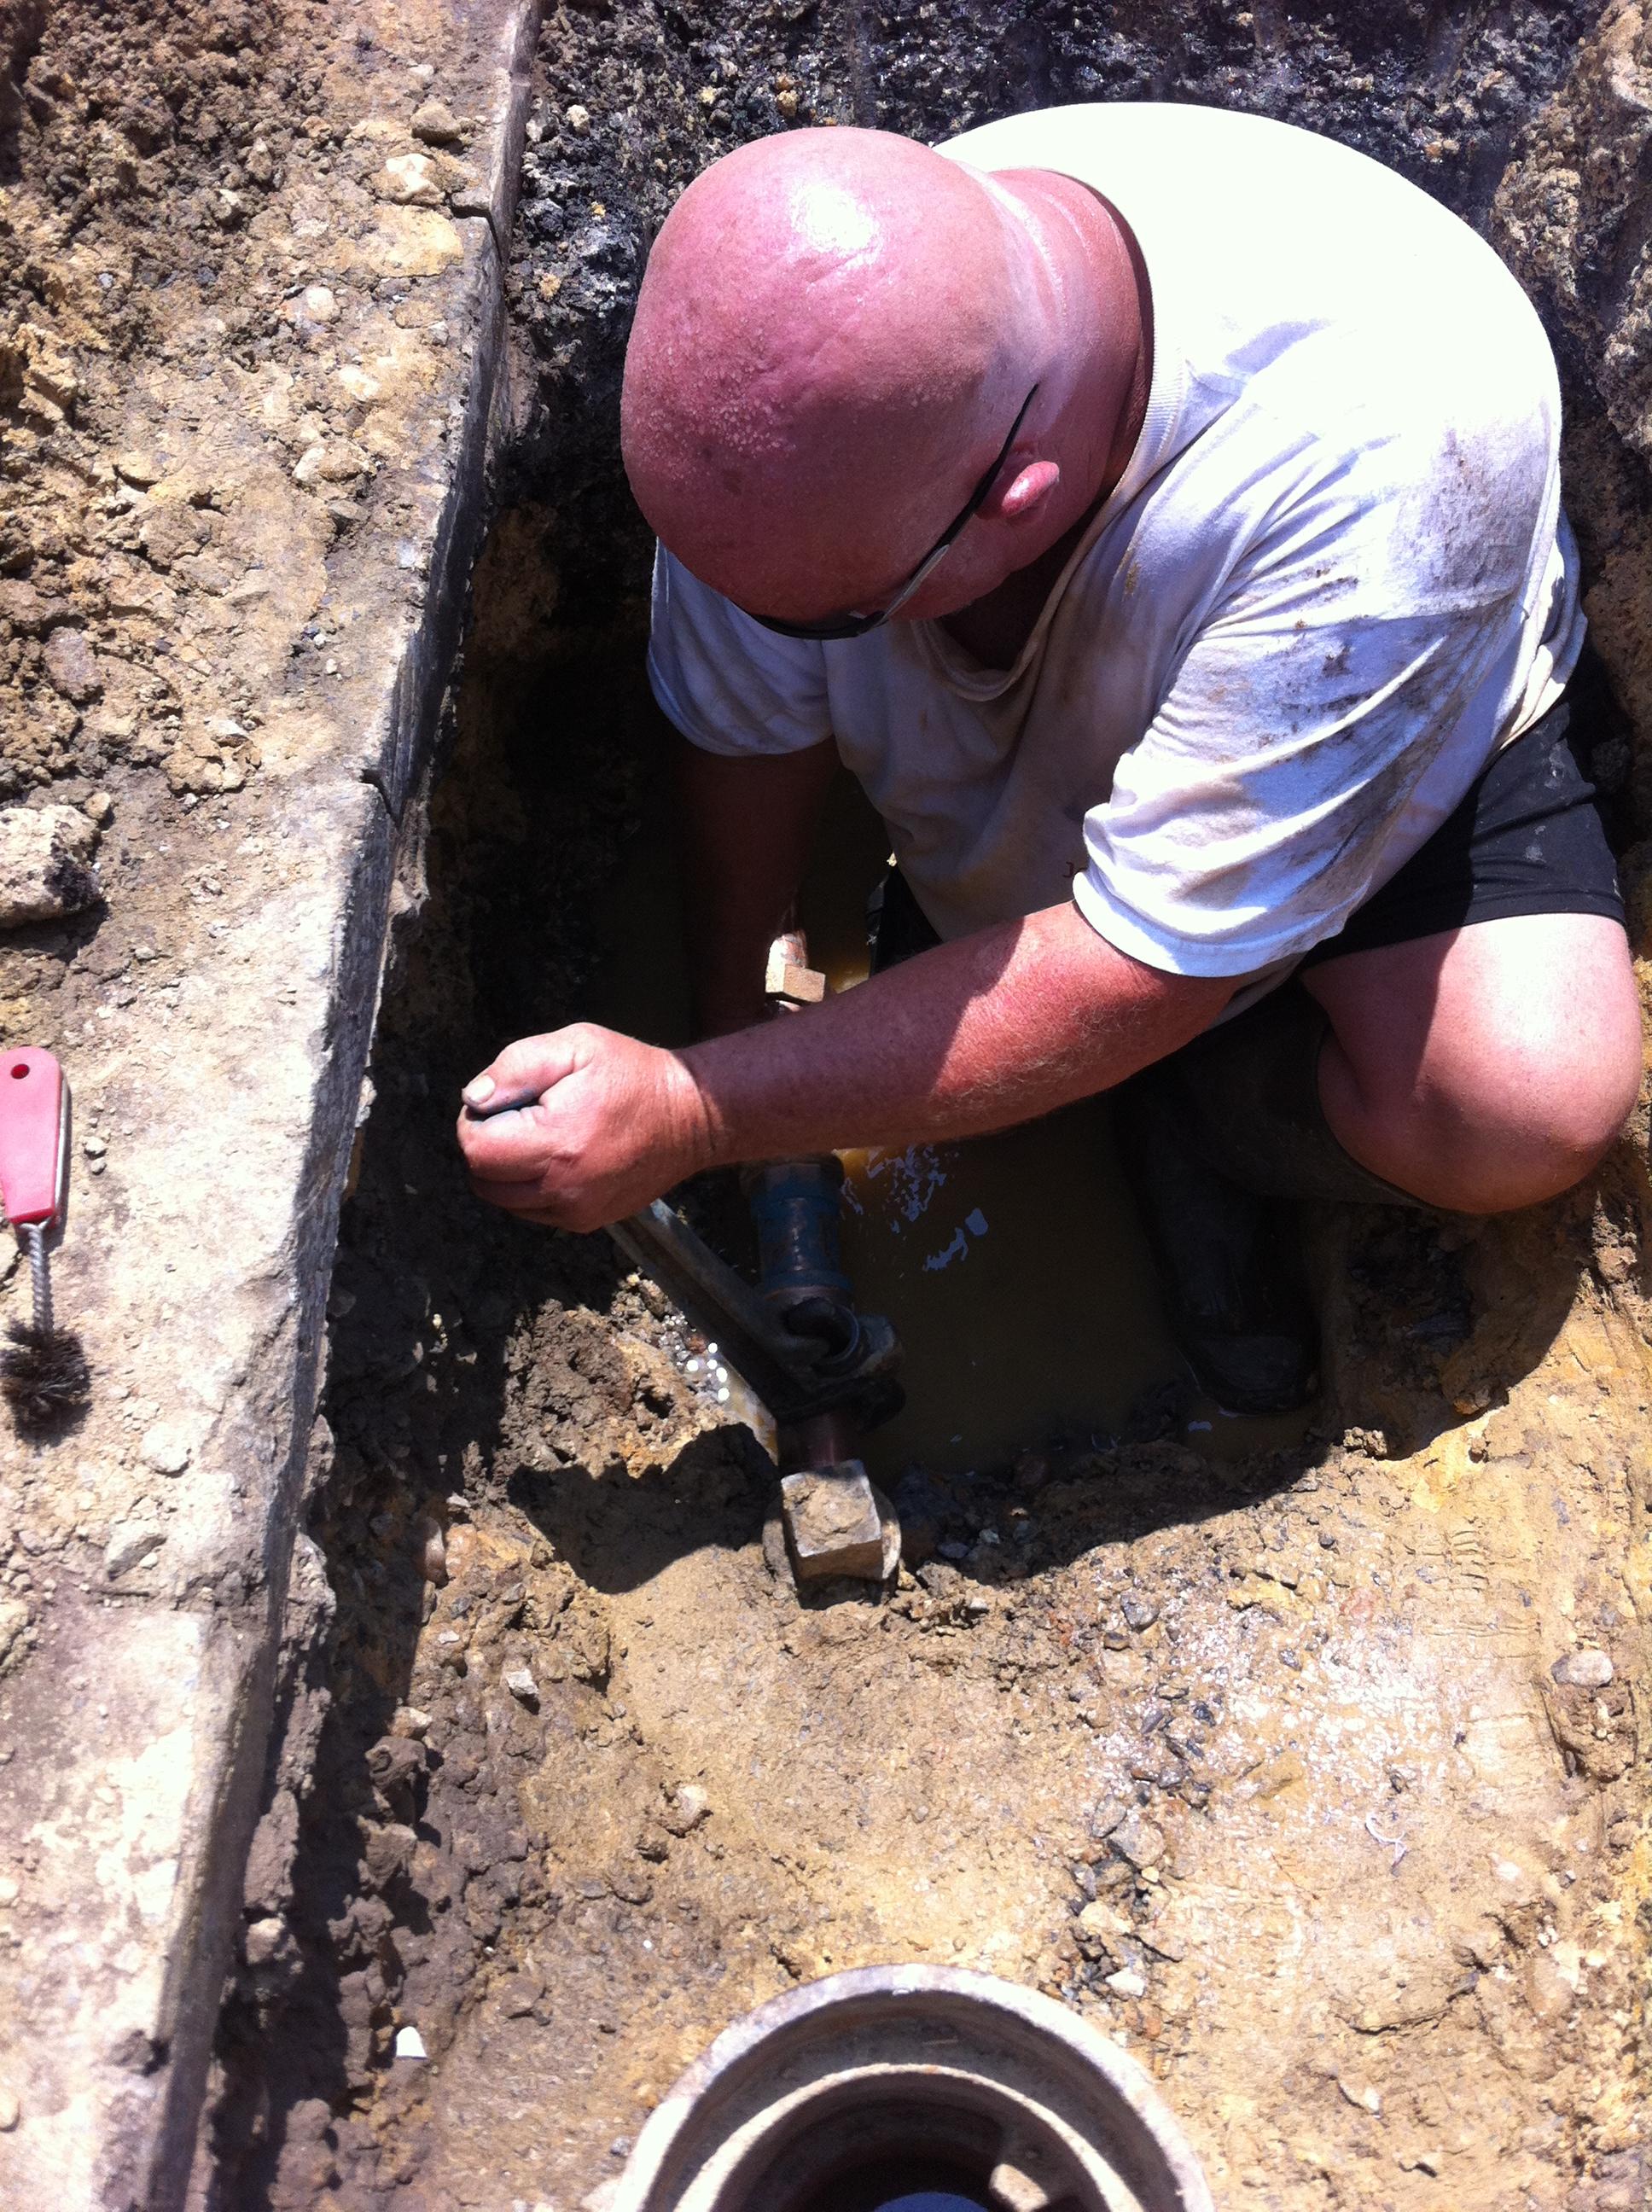 man digging in dirt